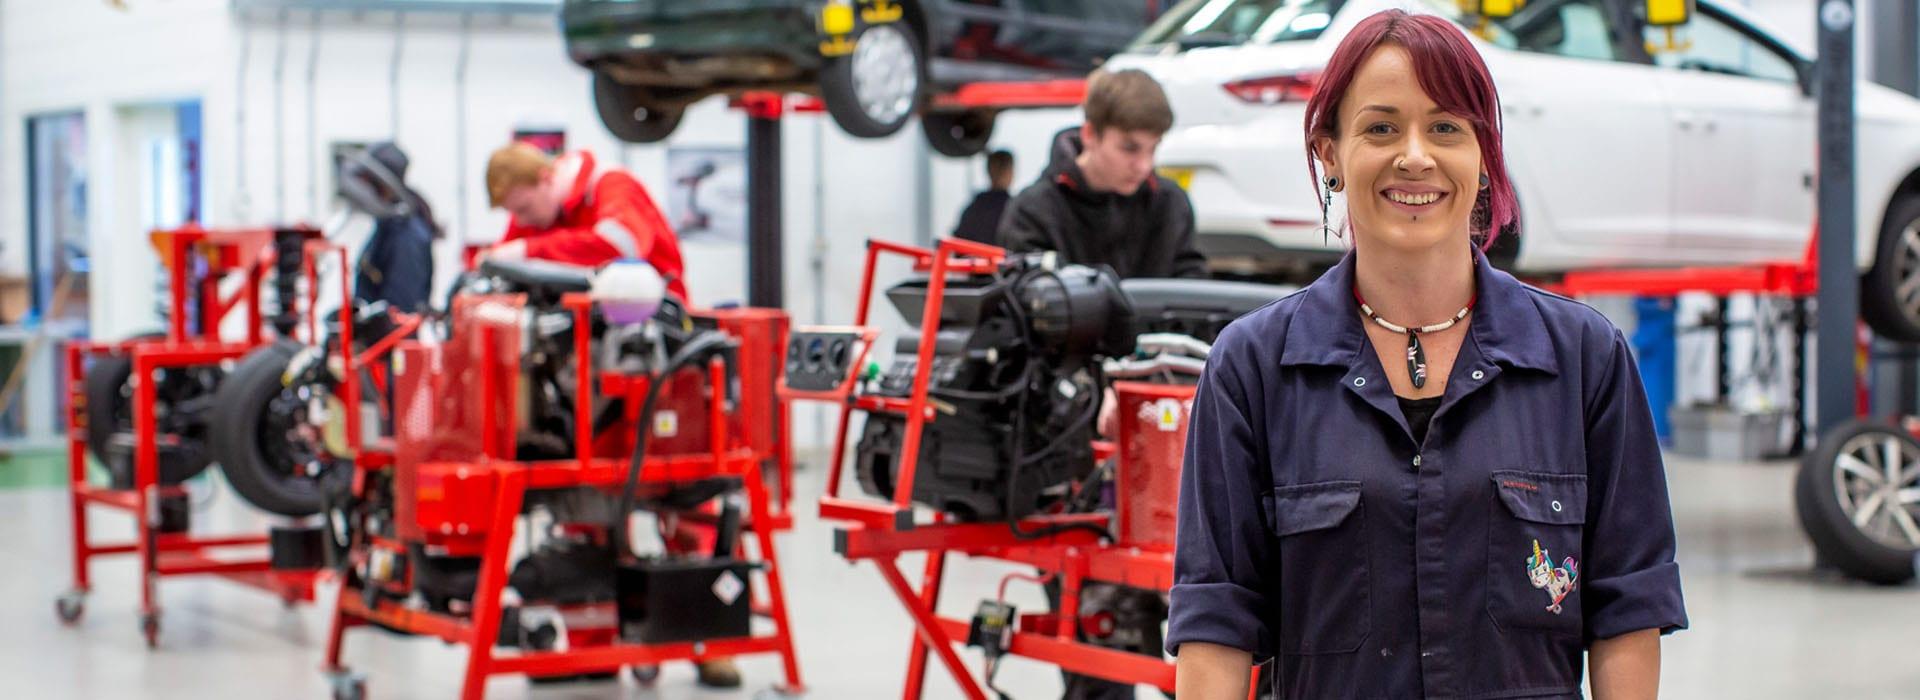 Modern Apprenticehips